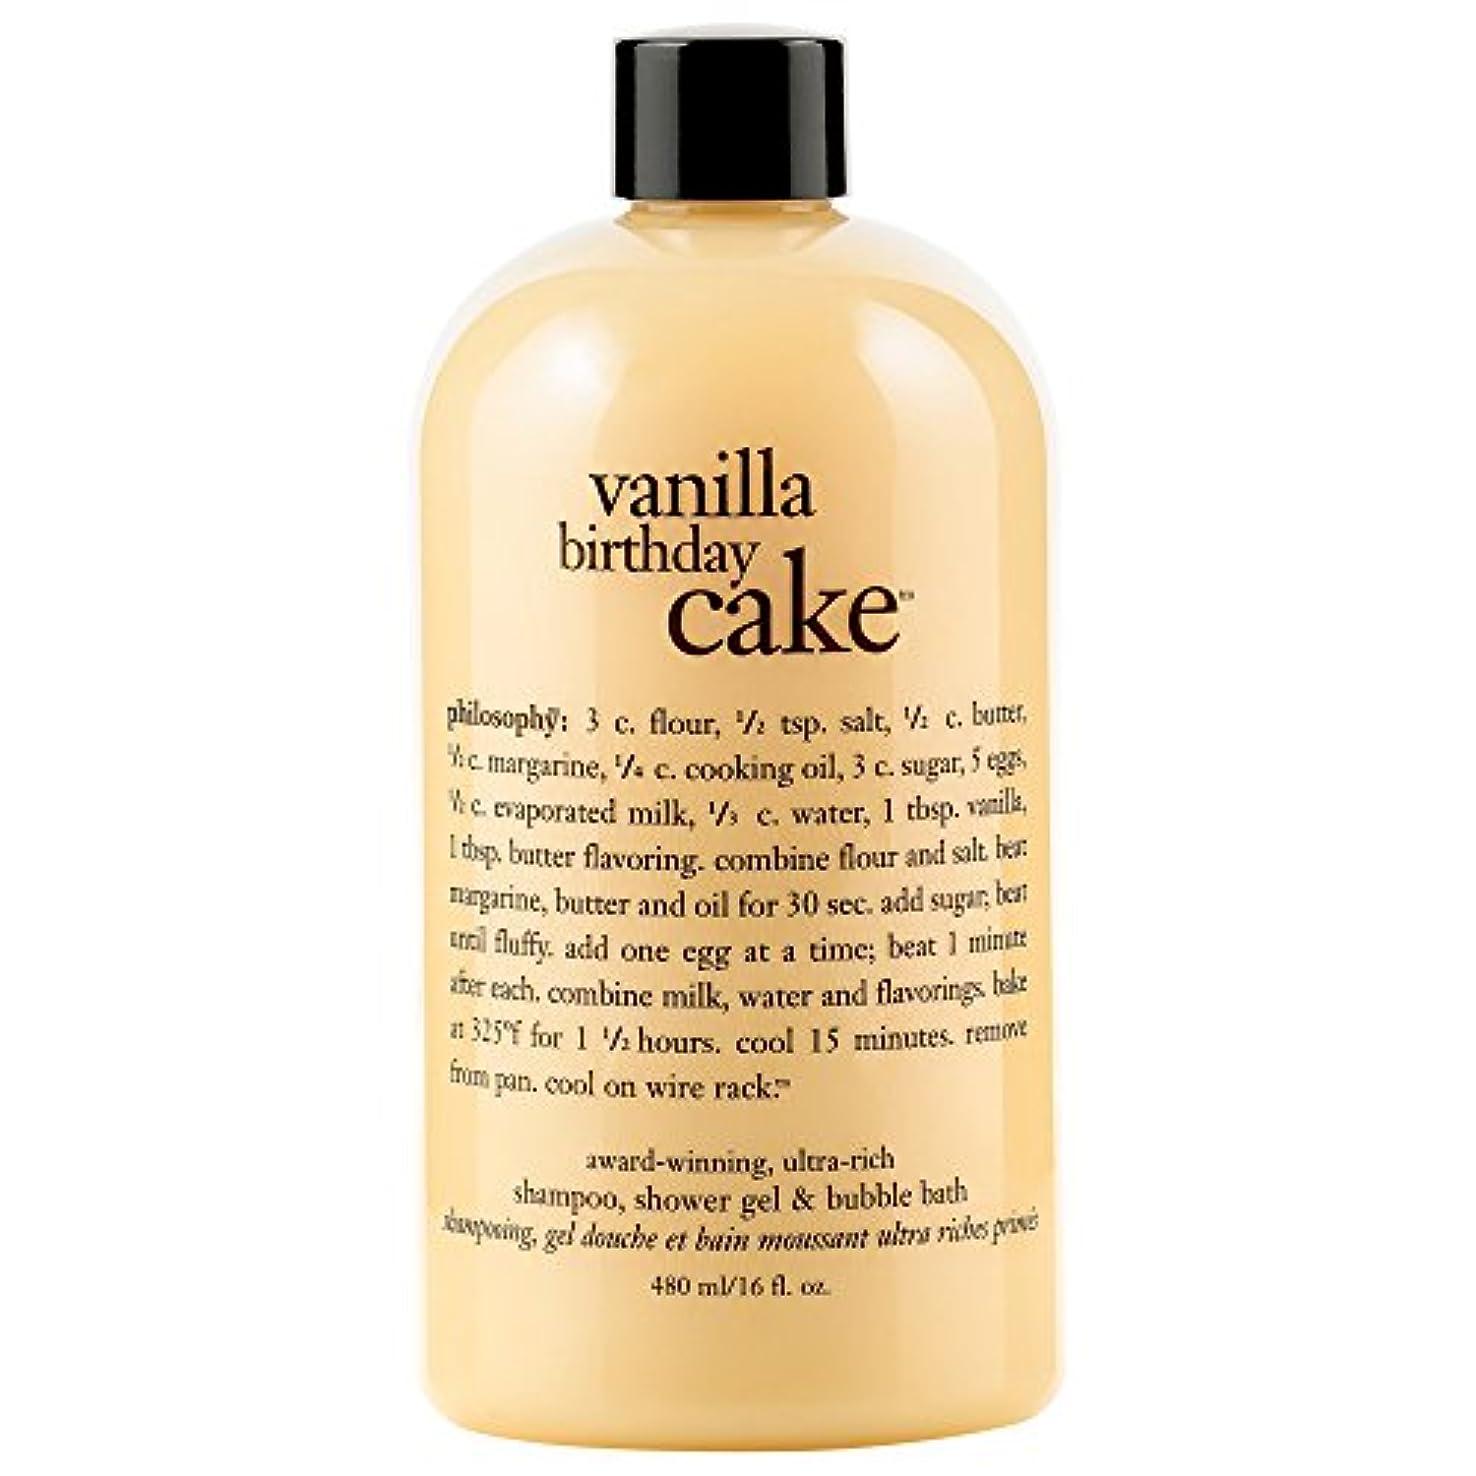 つかむモネ懐哲学バニラバースデーケーキシャンプー/シャワージェル/バブルバス480ミリリットル (Philosophy) - Philosophy Vanilla Birthday Cake Shampoo/Shower Gel/Bubble...